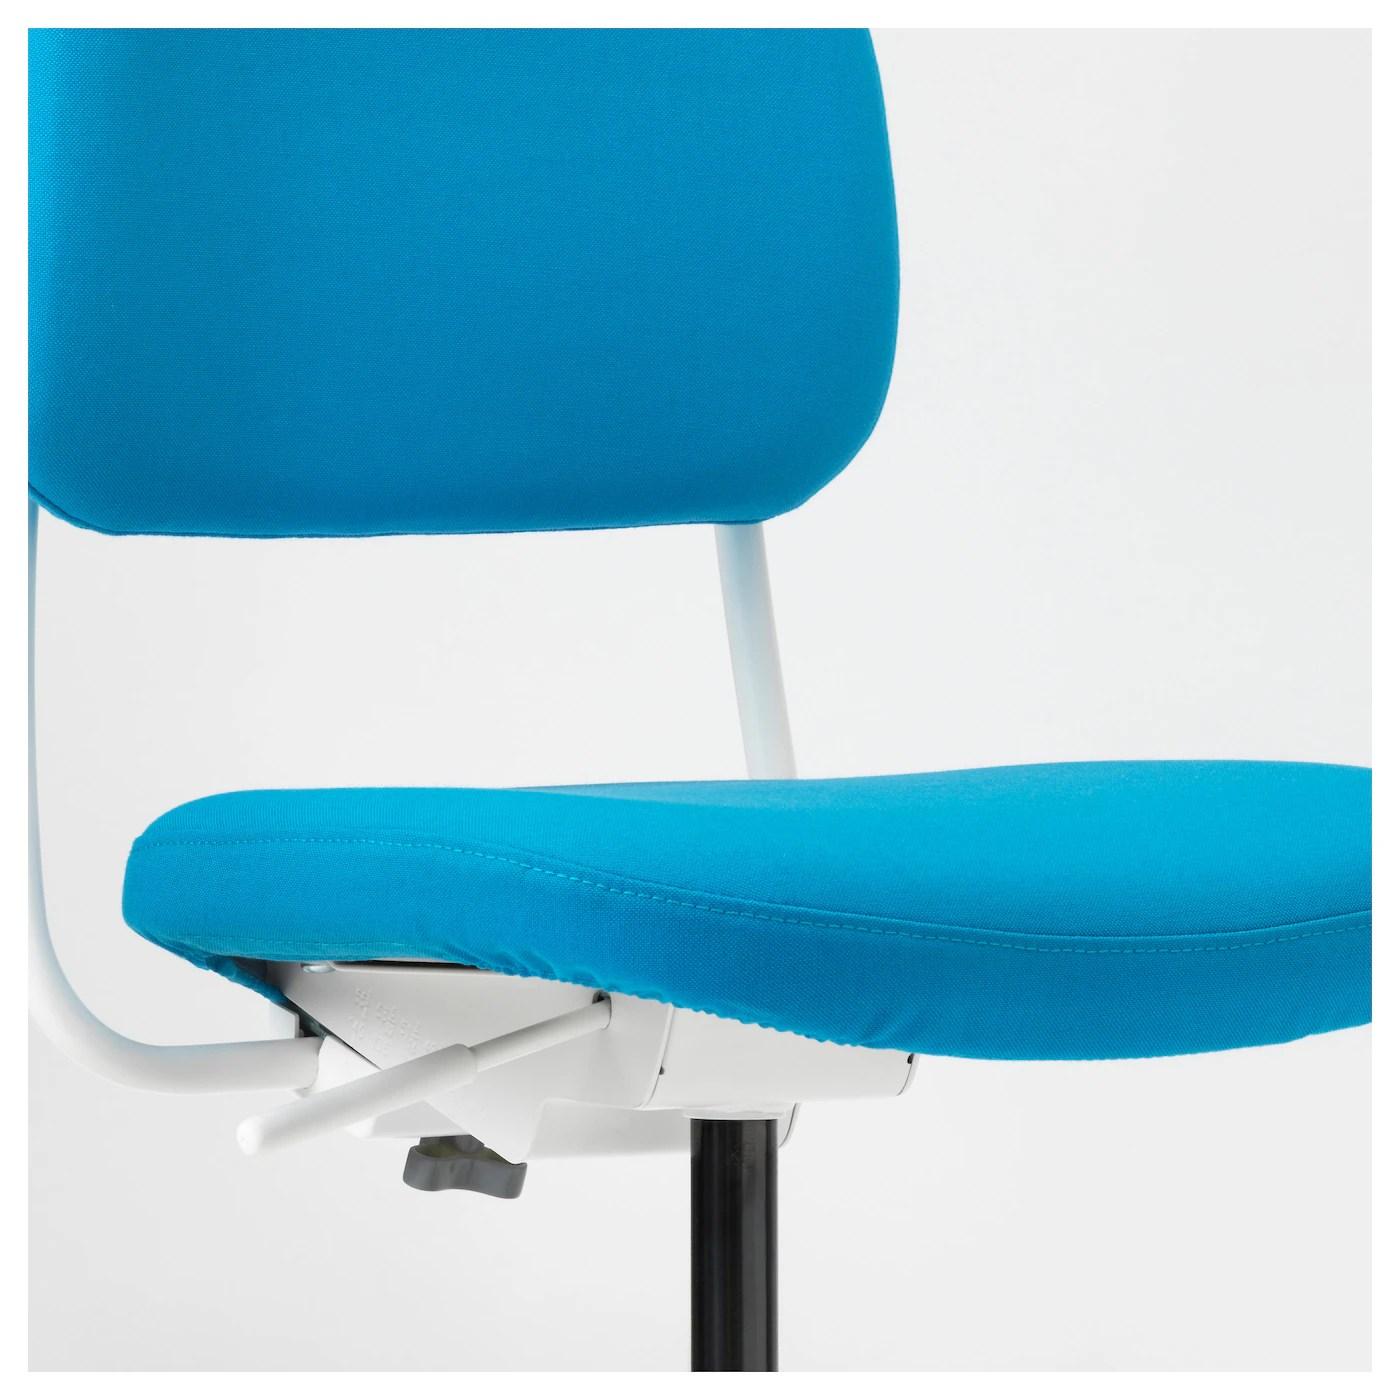 ikea pink desk chair portable reclining vimund children 39s vissle bright blue